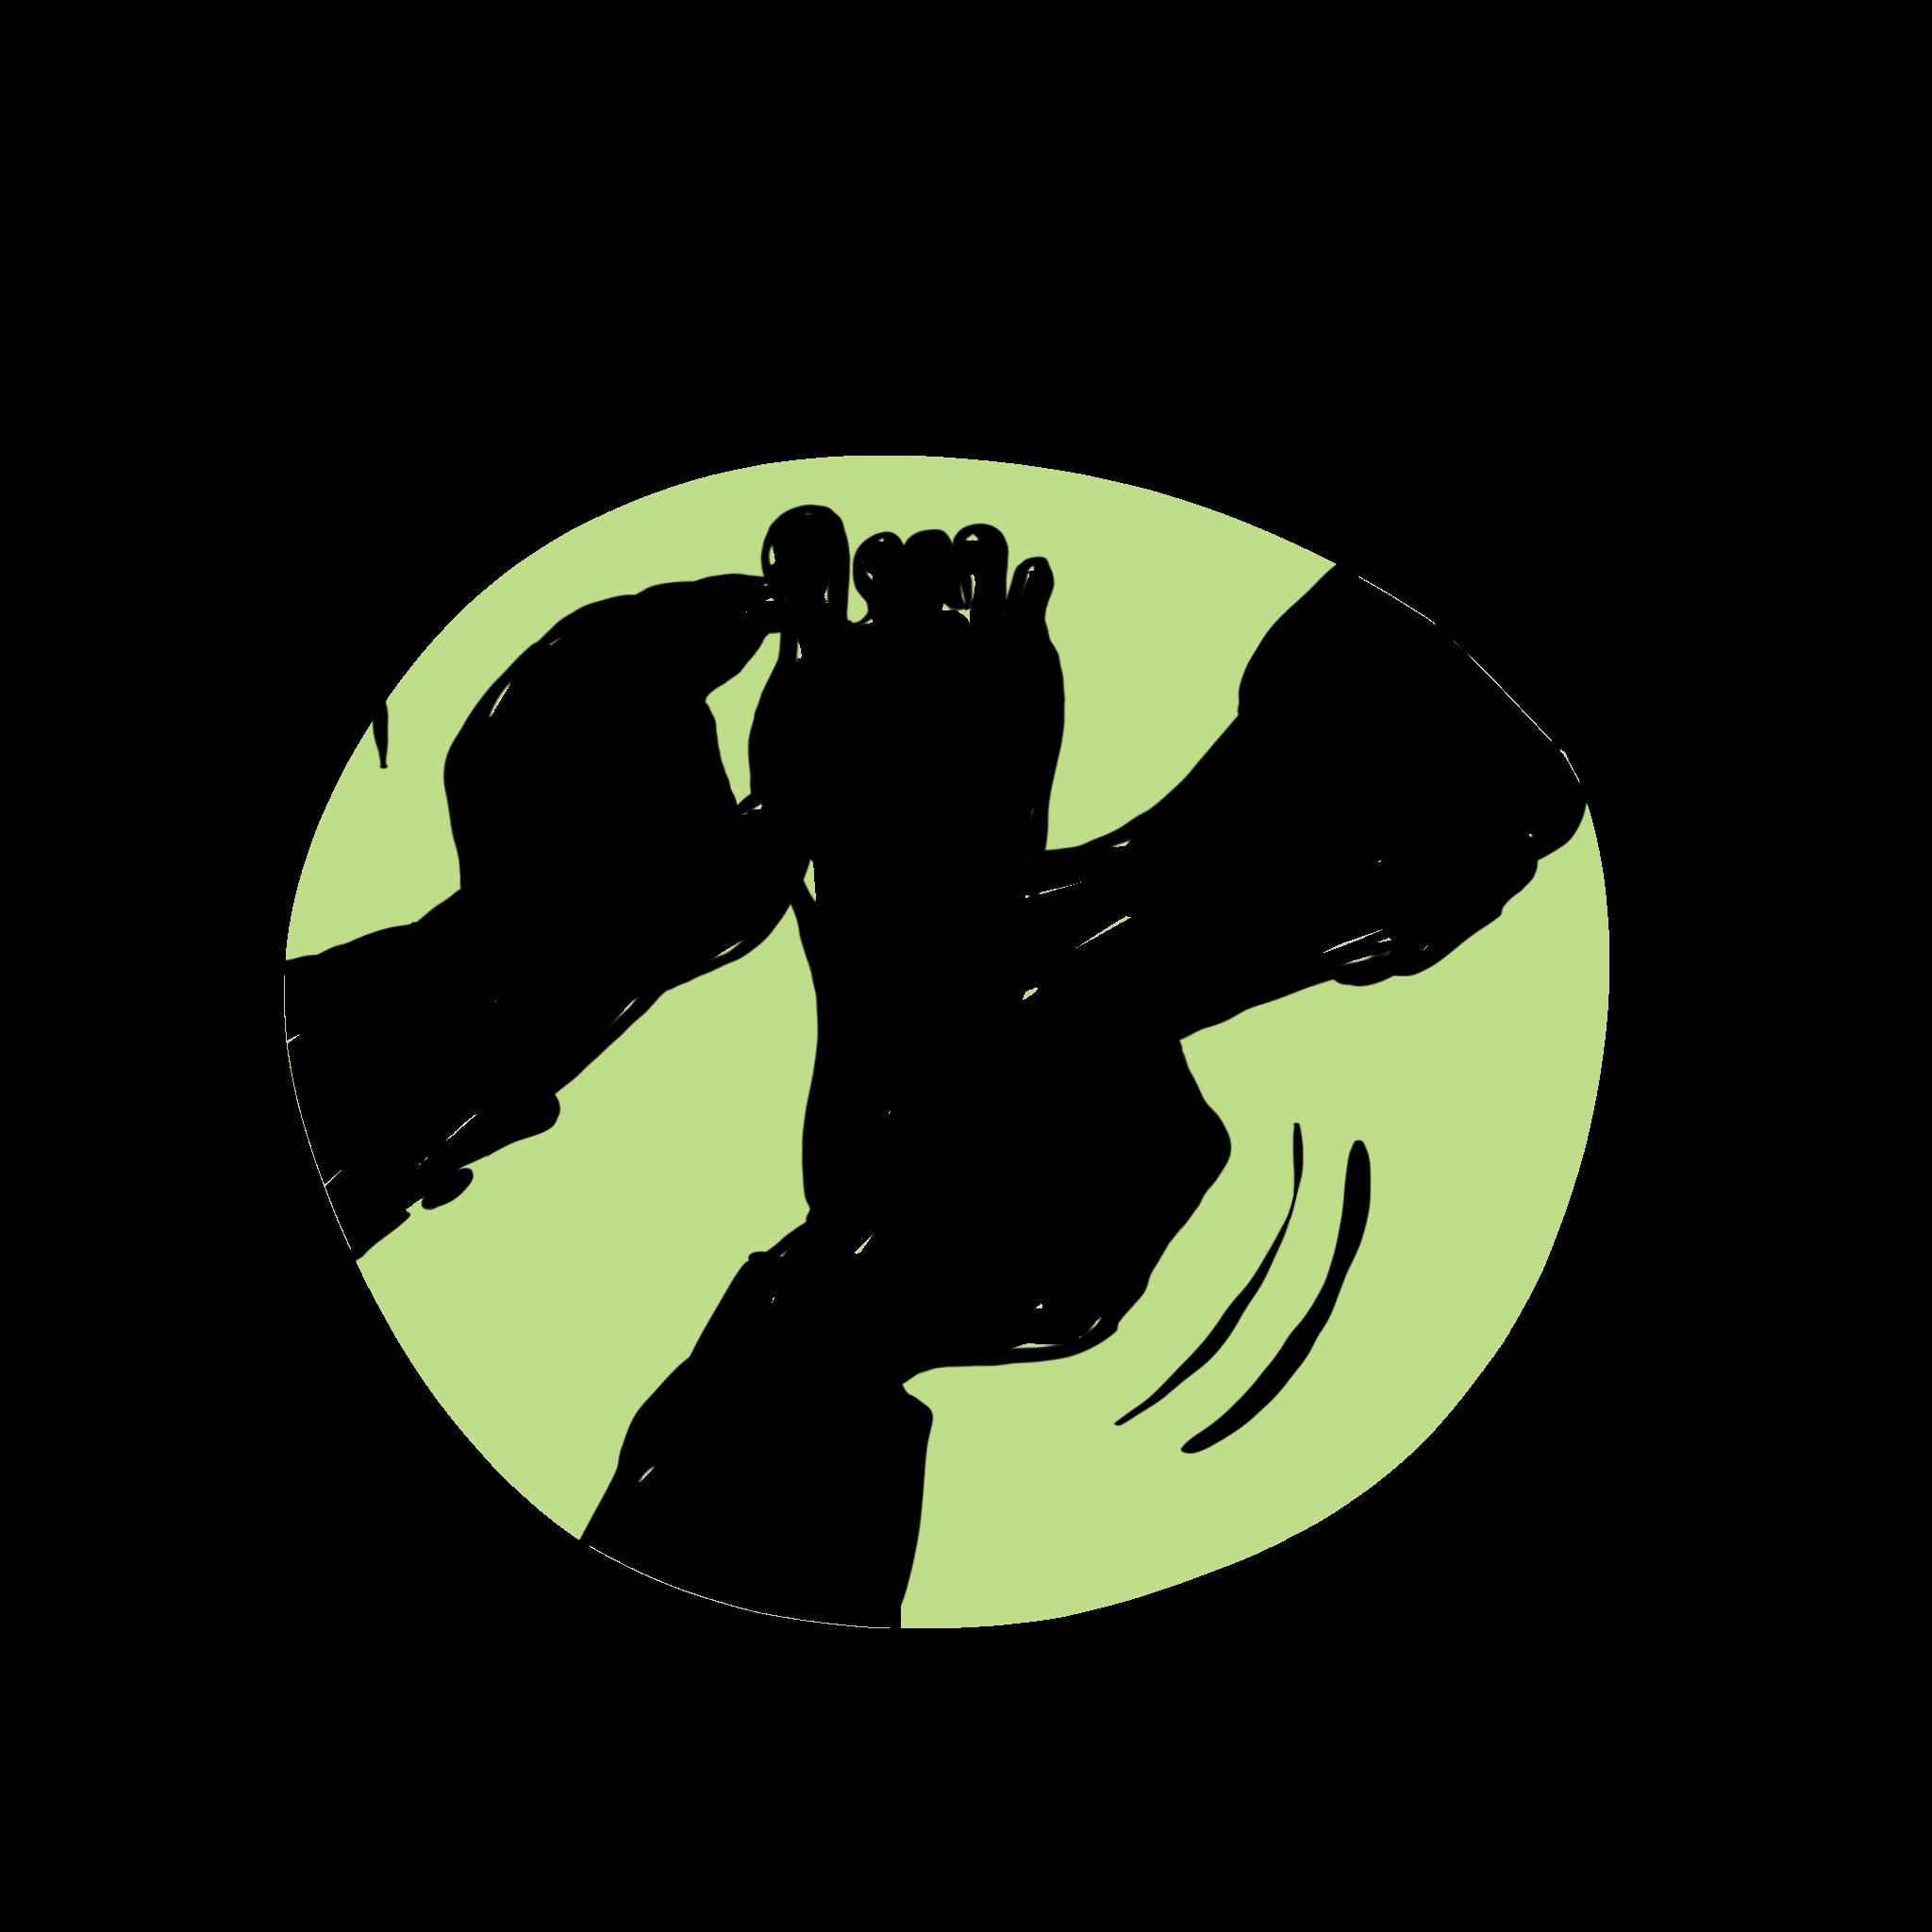 zonterapi-fot-illustration-maja-larsson